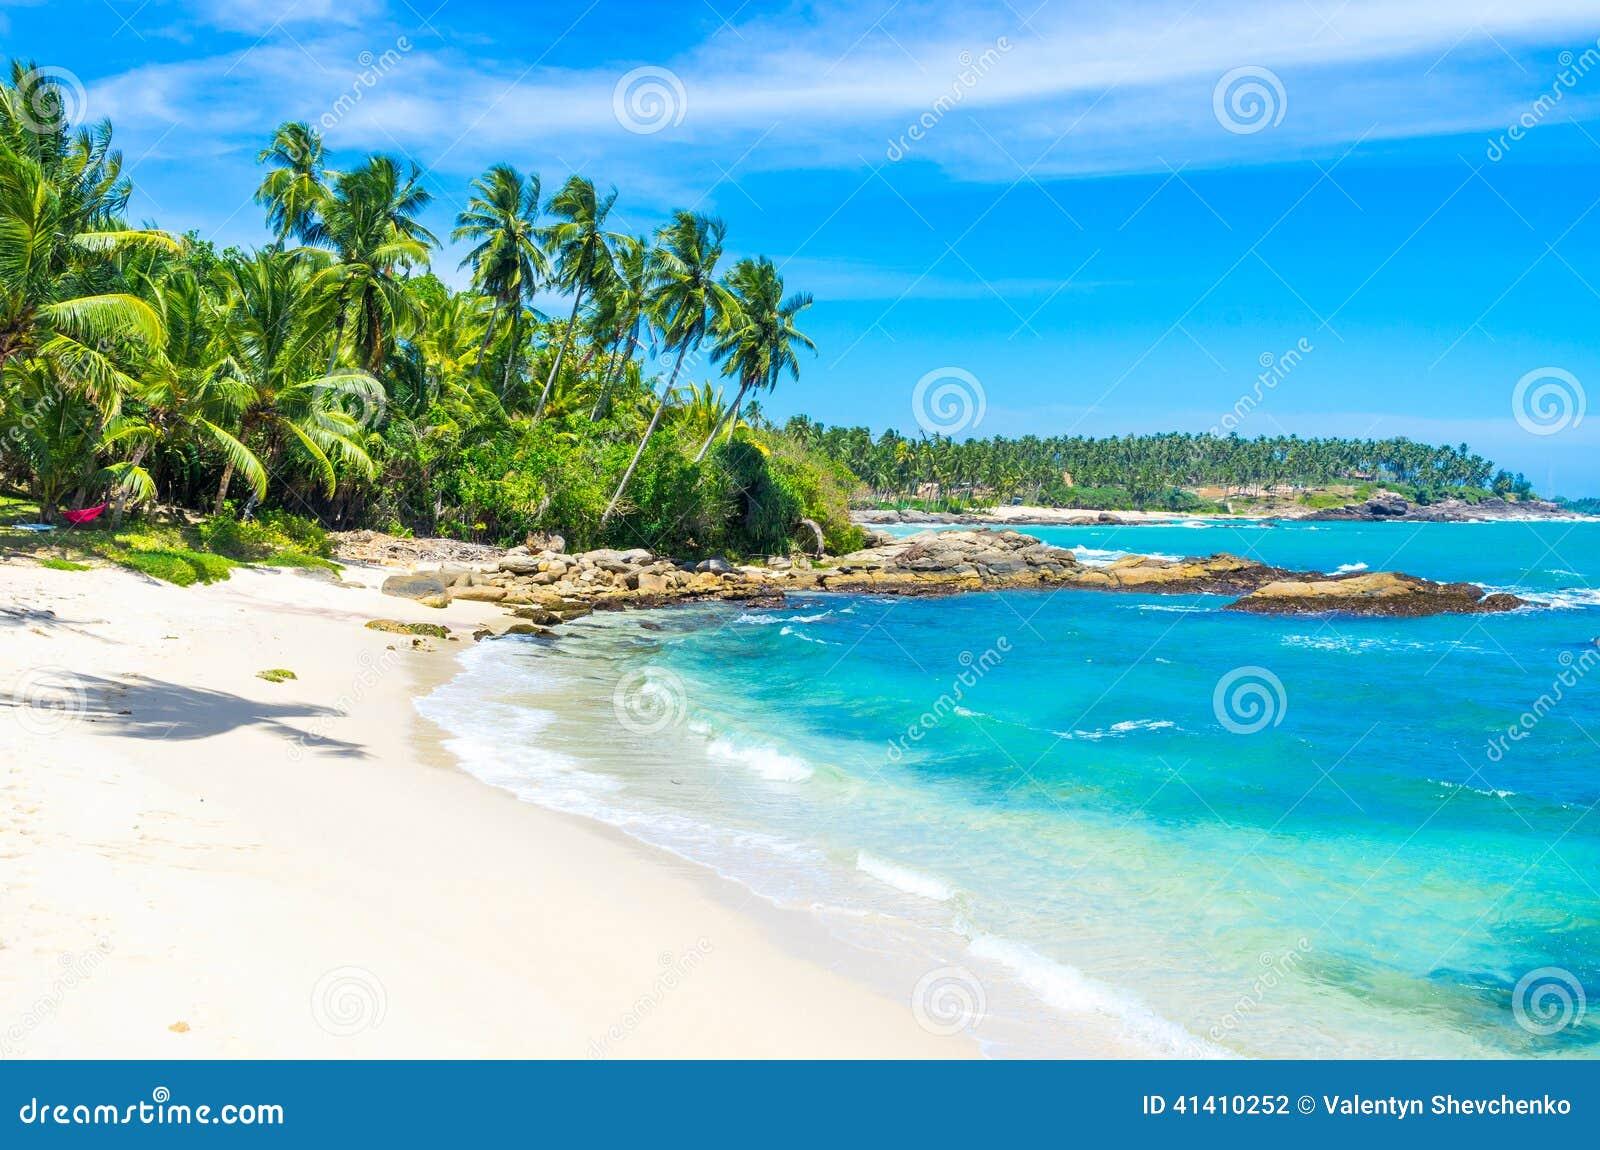 海滩夫妇狗前景lanka查找sri对热带走